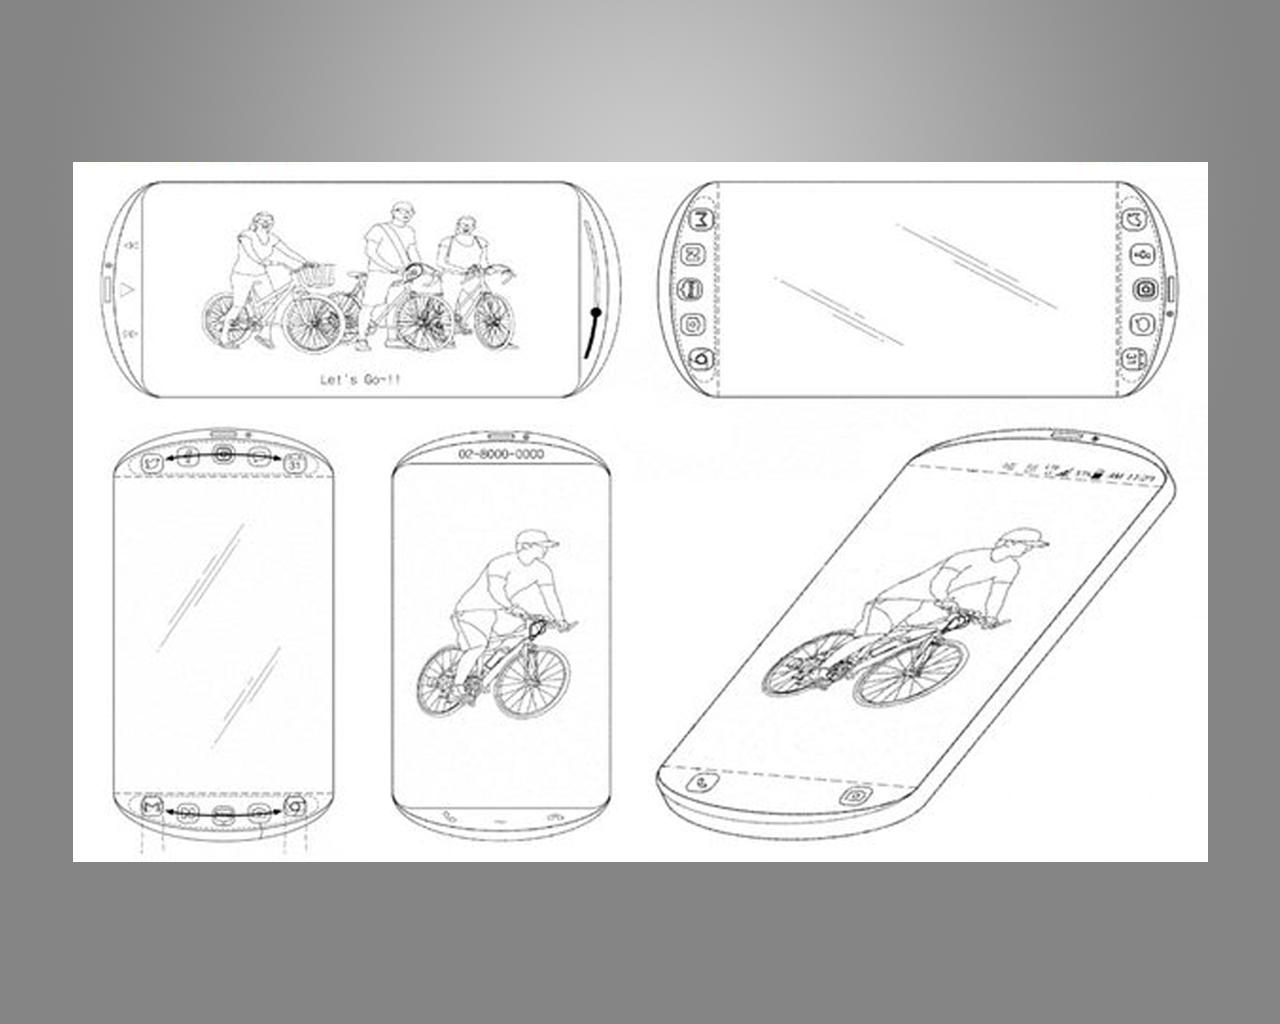 هاتف بشاشة ثلاثية وتصميم دائري براءة إختراع من سامسونج